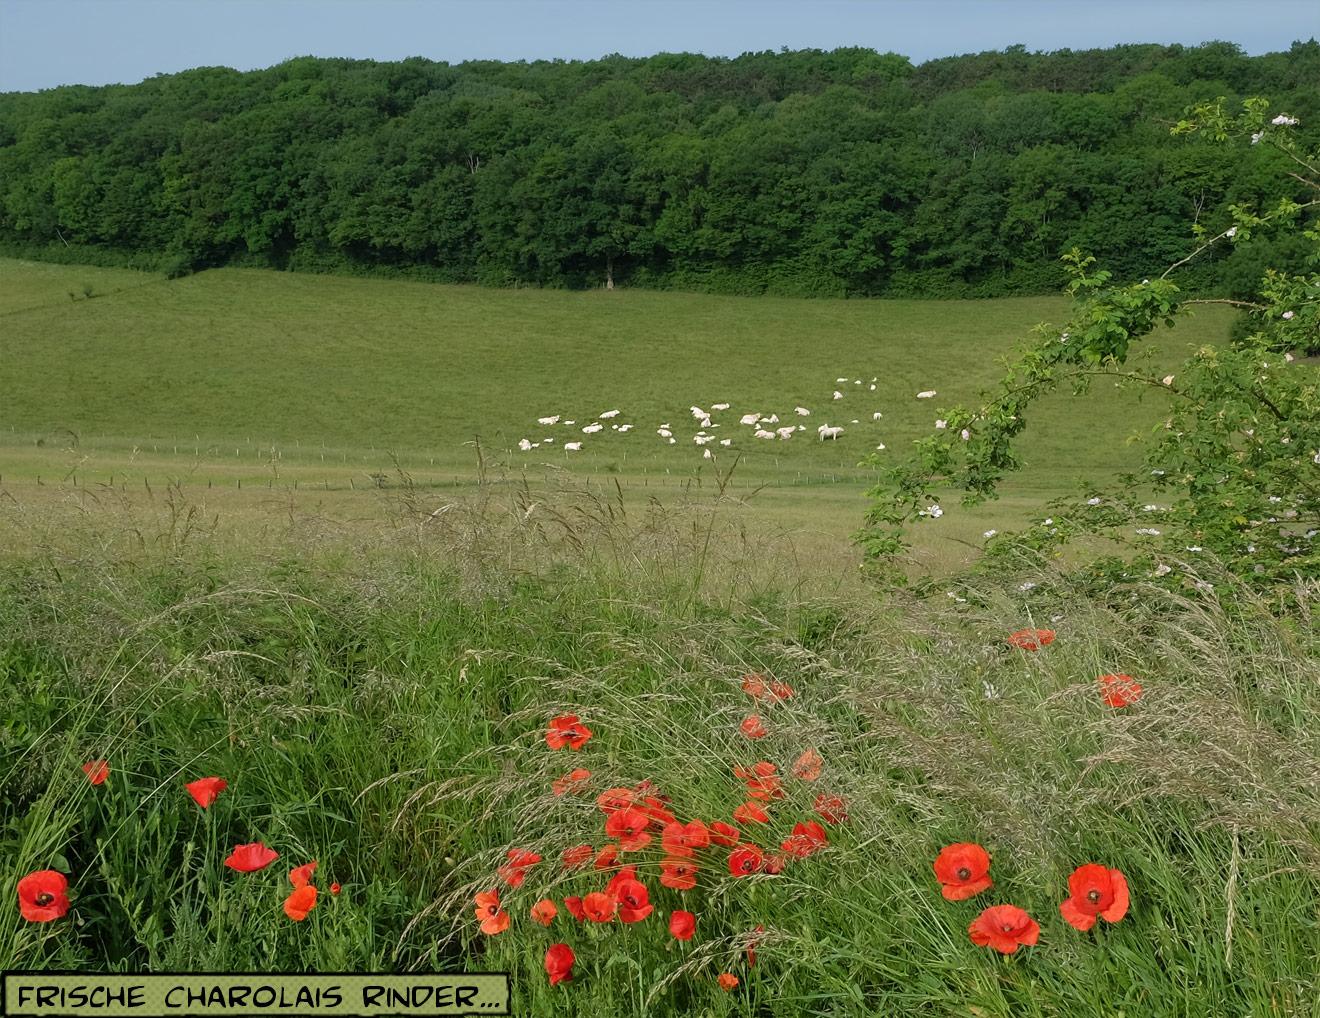 Charolais Rinder auf der Weide in Frankreich